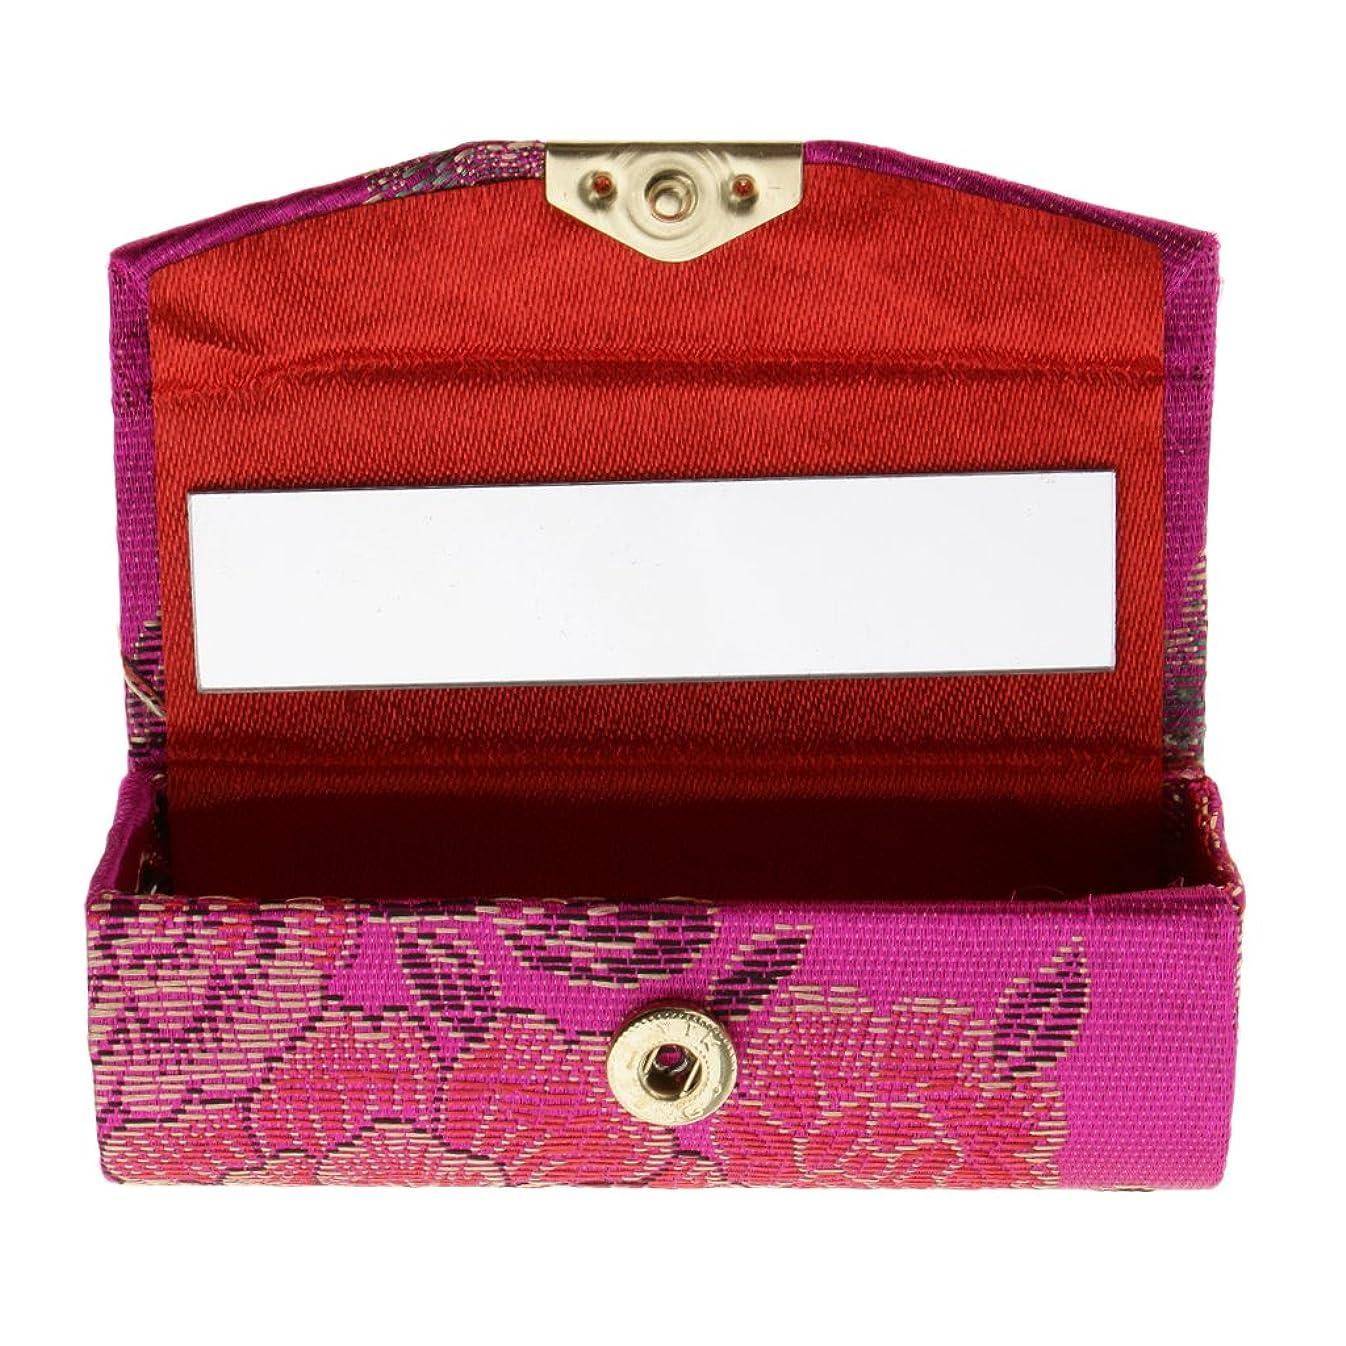 オーストラリア不合格全体DYNWAVE リップスティックケース 口紅収納ケース口紅ホルダー 化粧ポーチ 5個セット